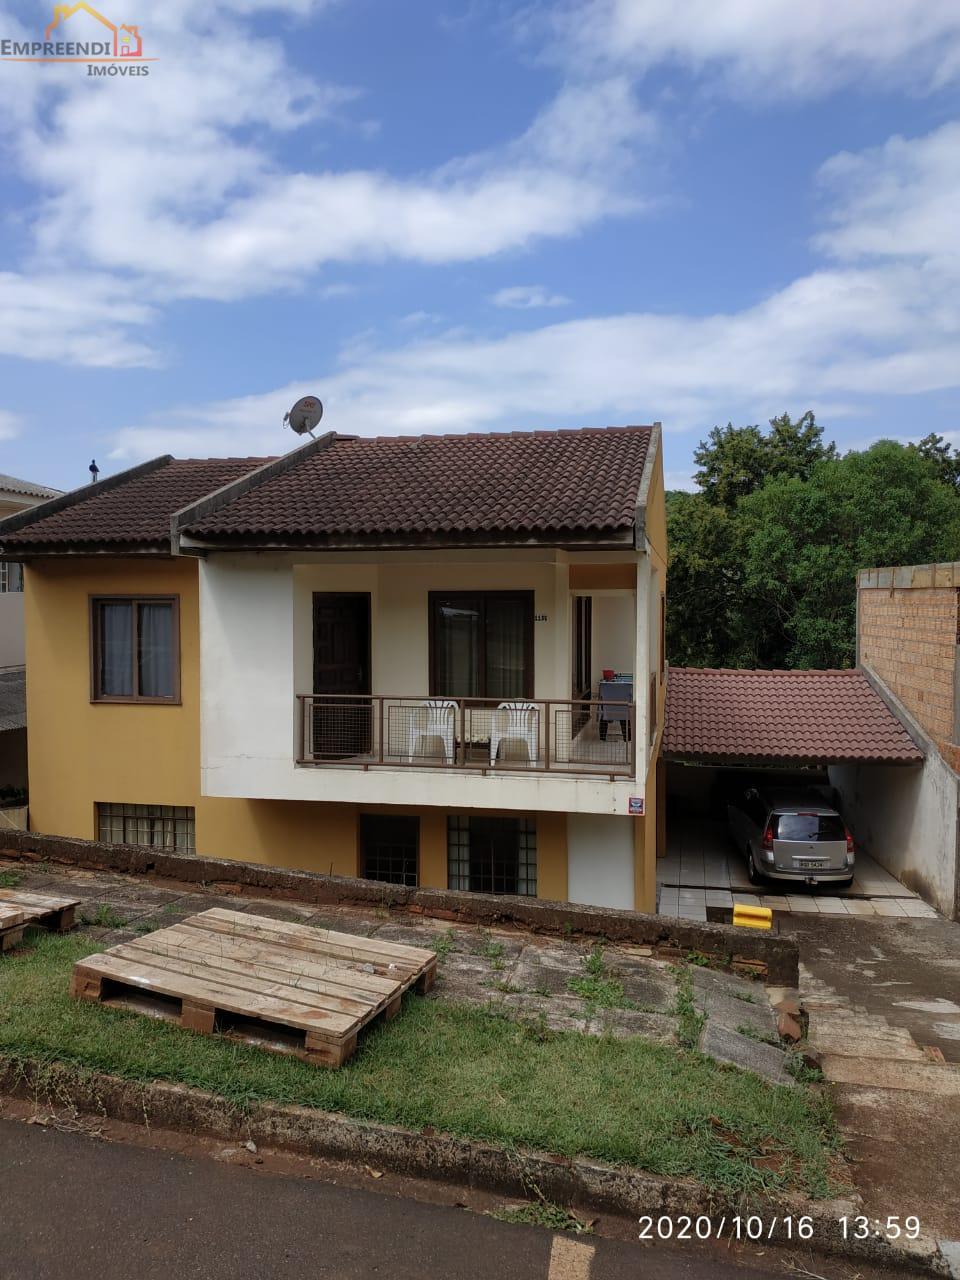 Casa com 4 dormitórios à venda, BONATTO, PATO BRANCO - PR